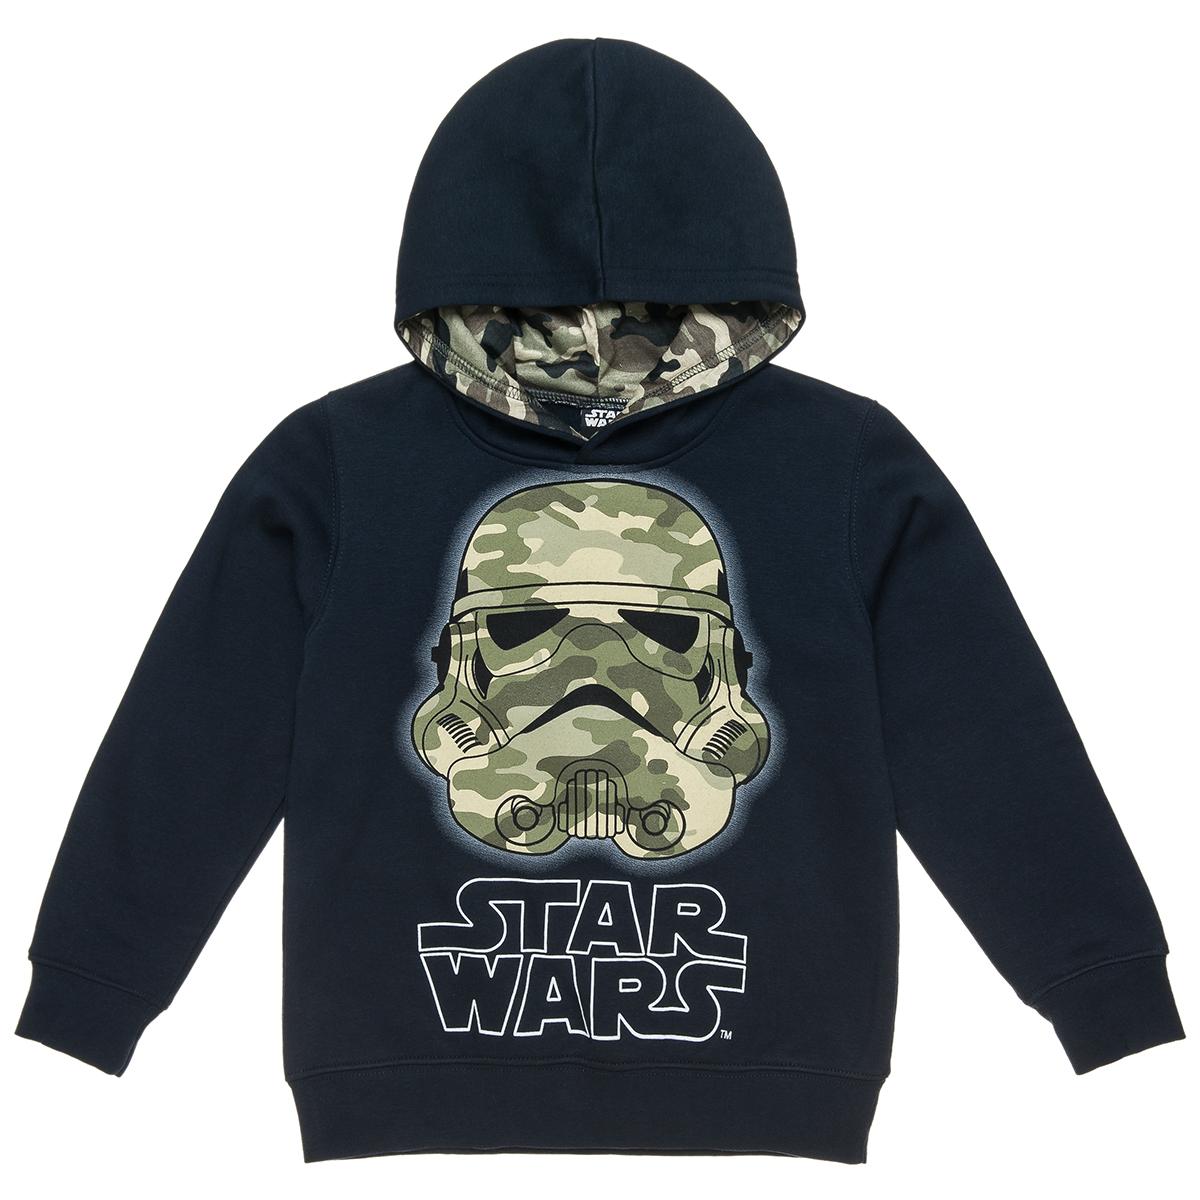 Μπλούζα Star Wars με κουκούλα και μιλιτερ τύπωμα (Αγόρι 4-16 ετών) 00121291 - Μπλε - 4373-0002/3/10/116